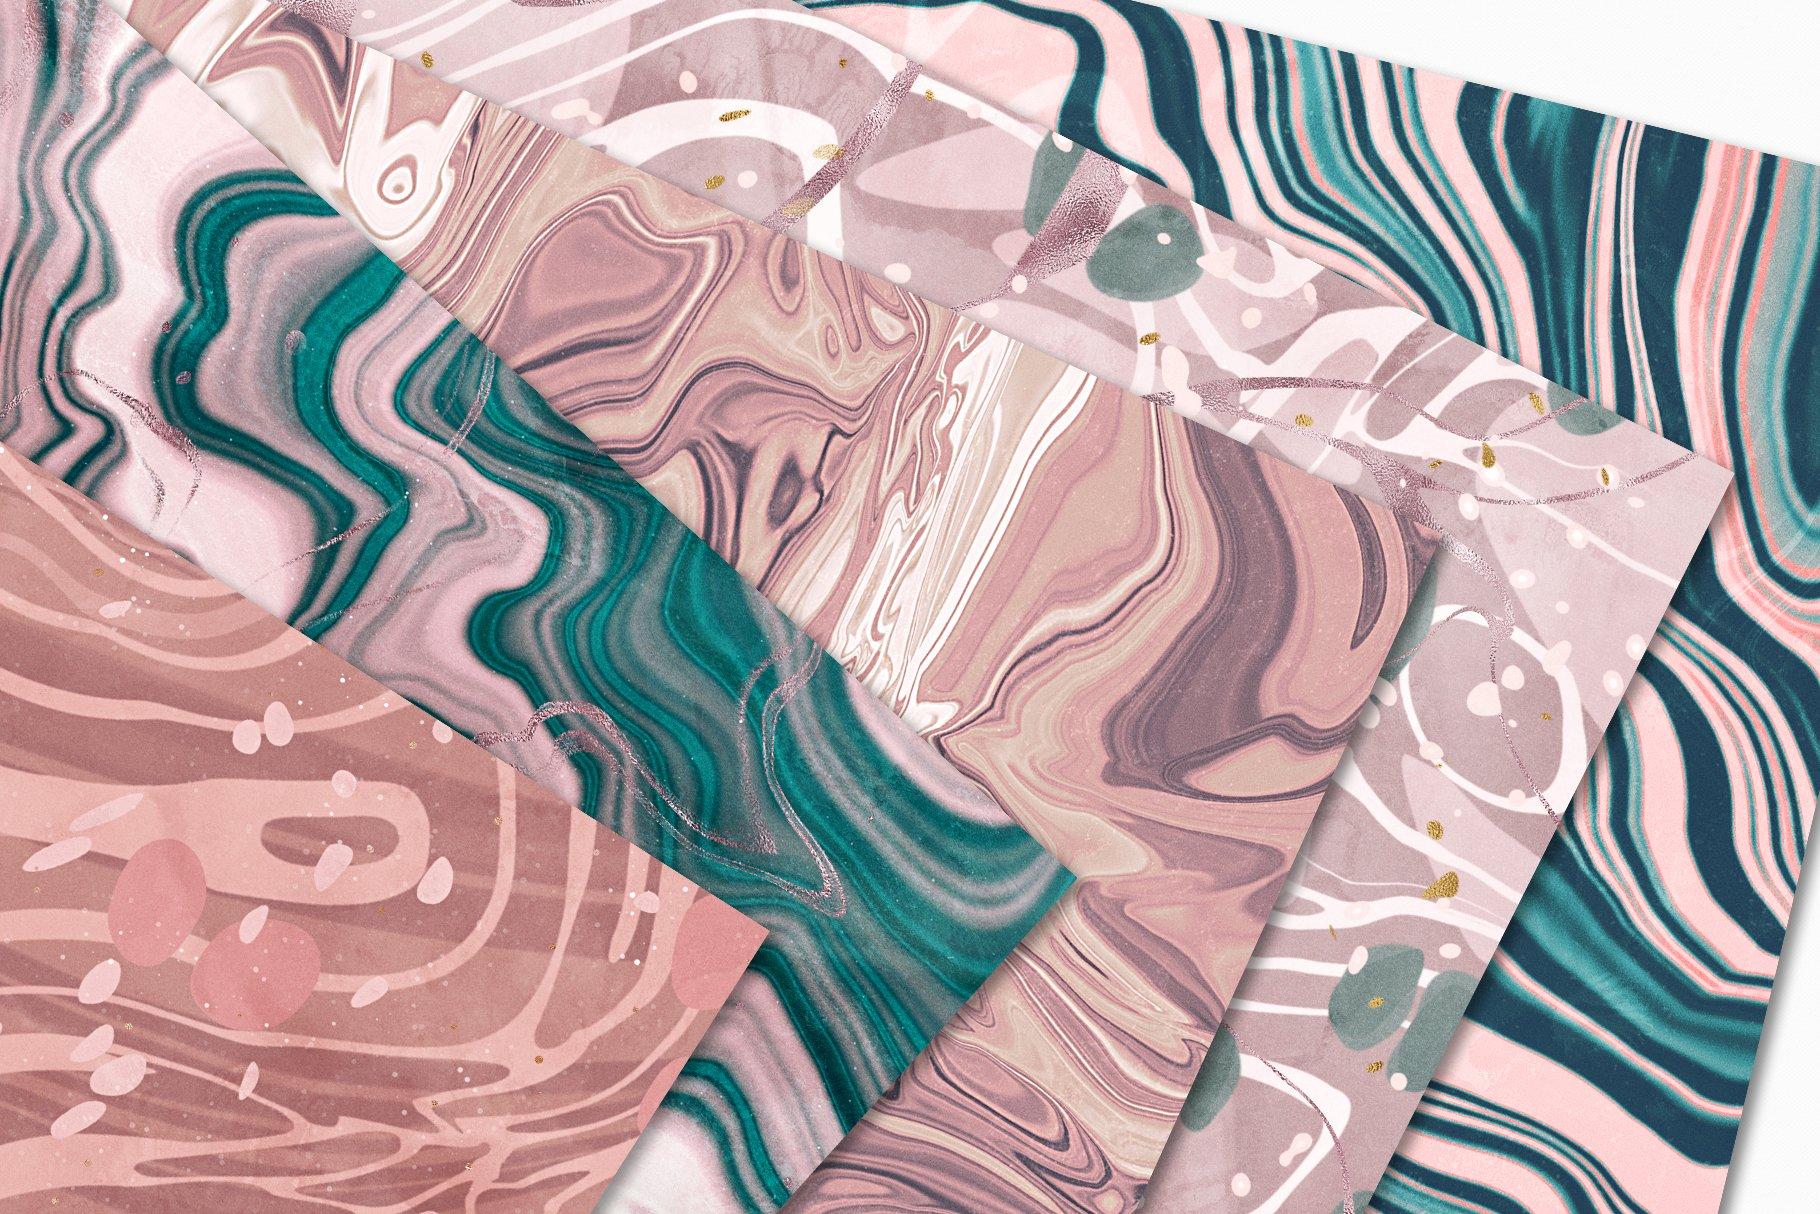 [淘宝购买] 15款抽象复古高清大理石金色箔纸纹理背景图片设计素材合集 Marbled Paper Texture Collection插图13